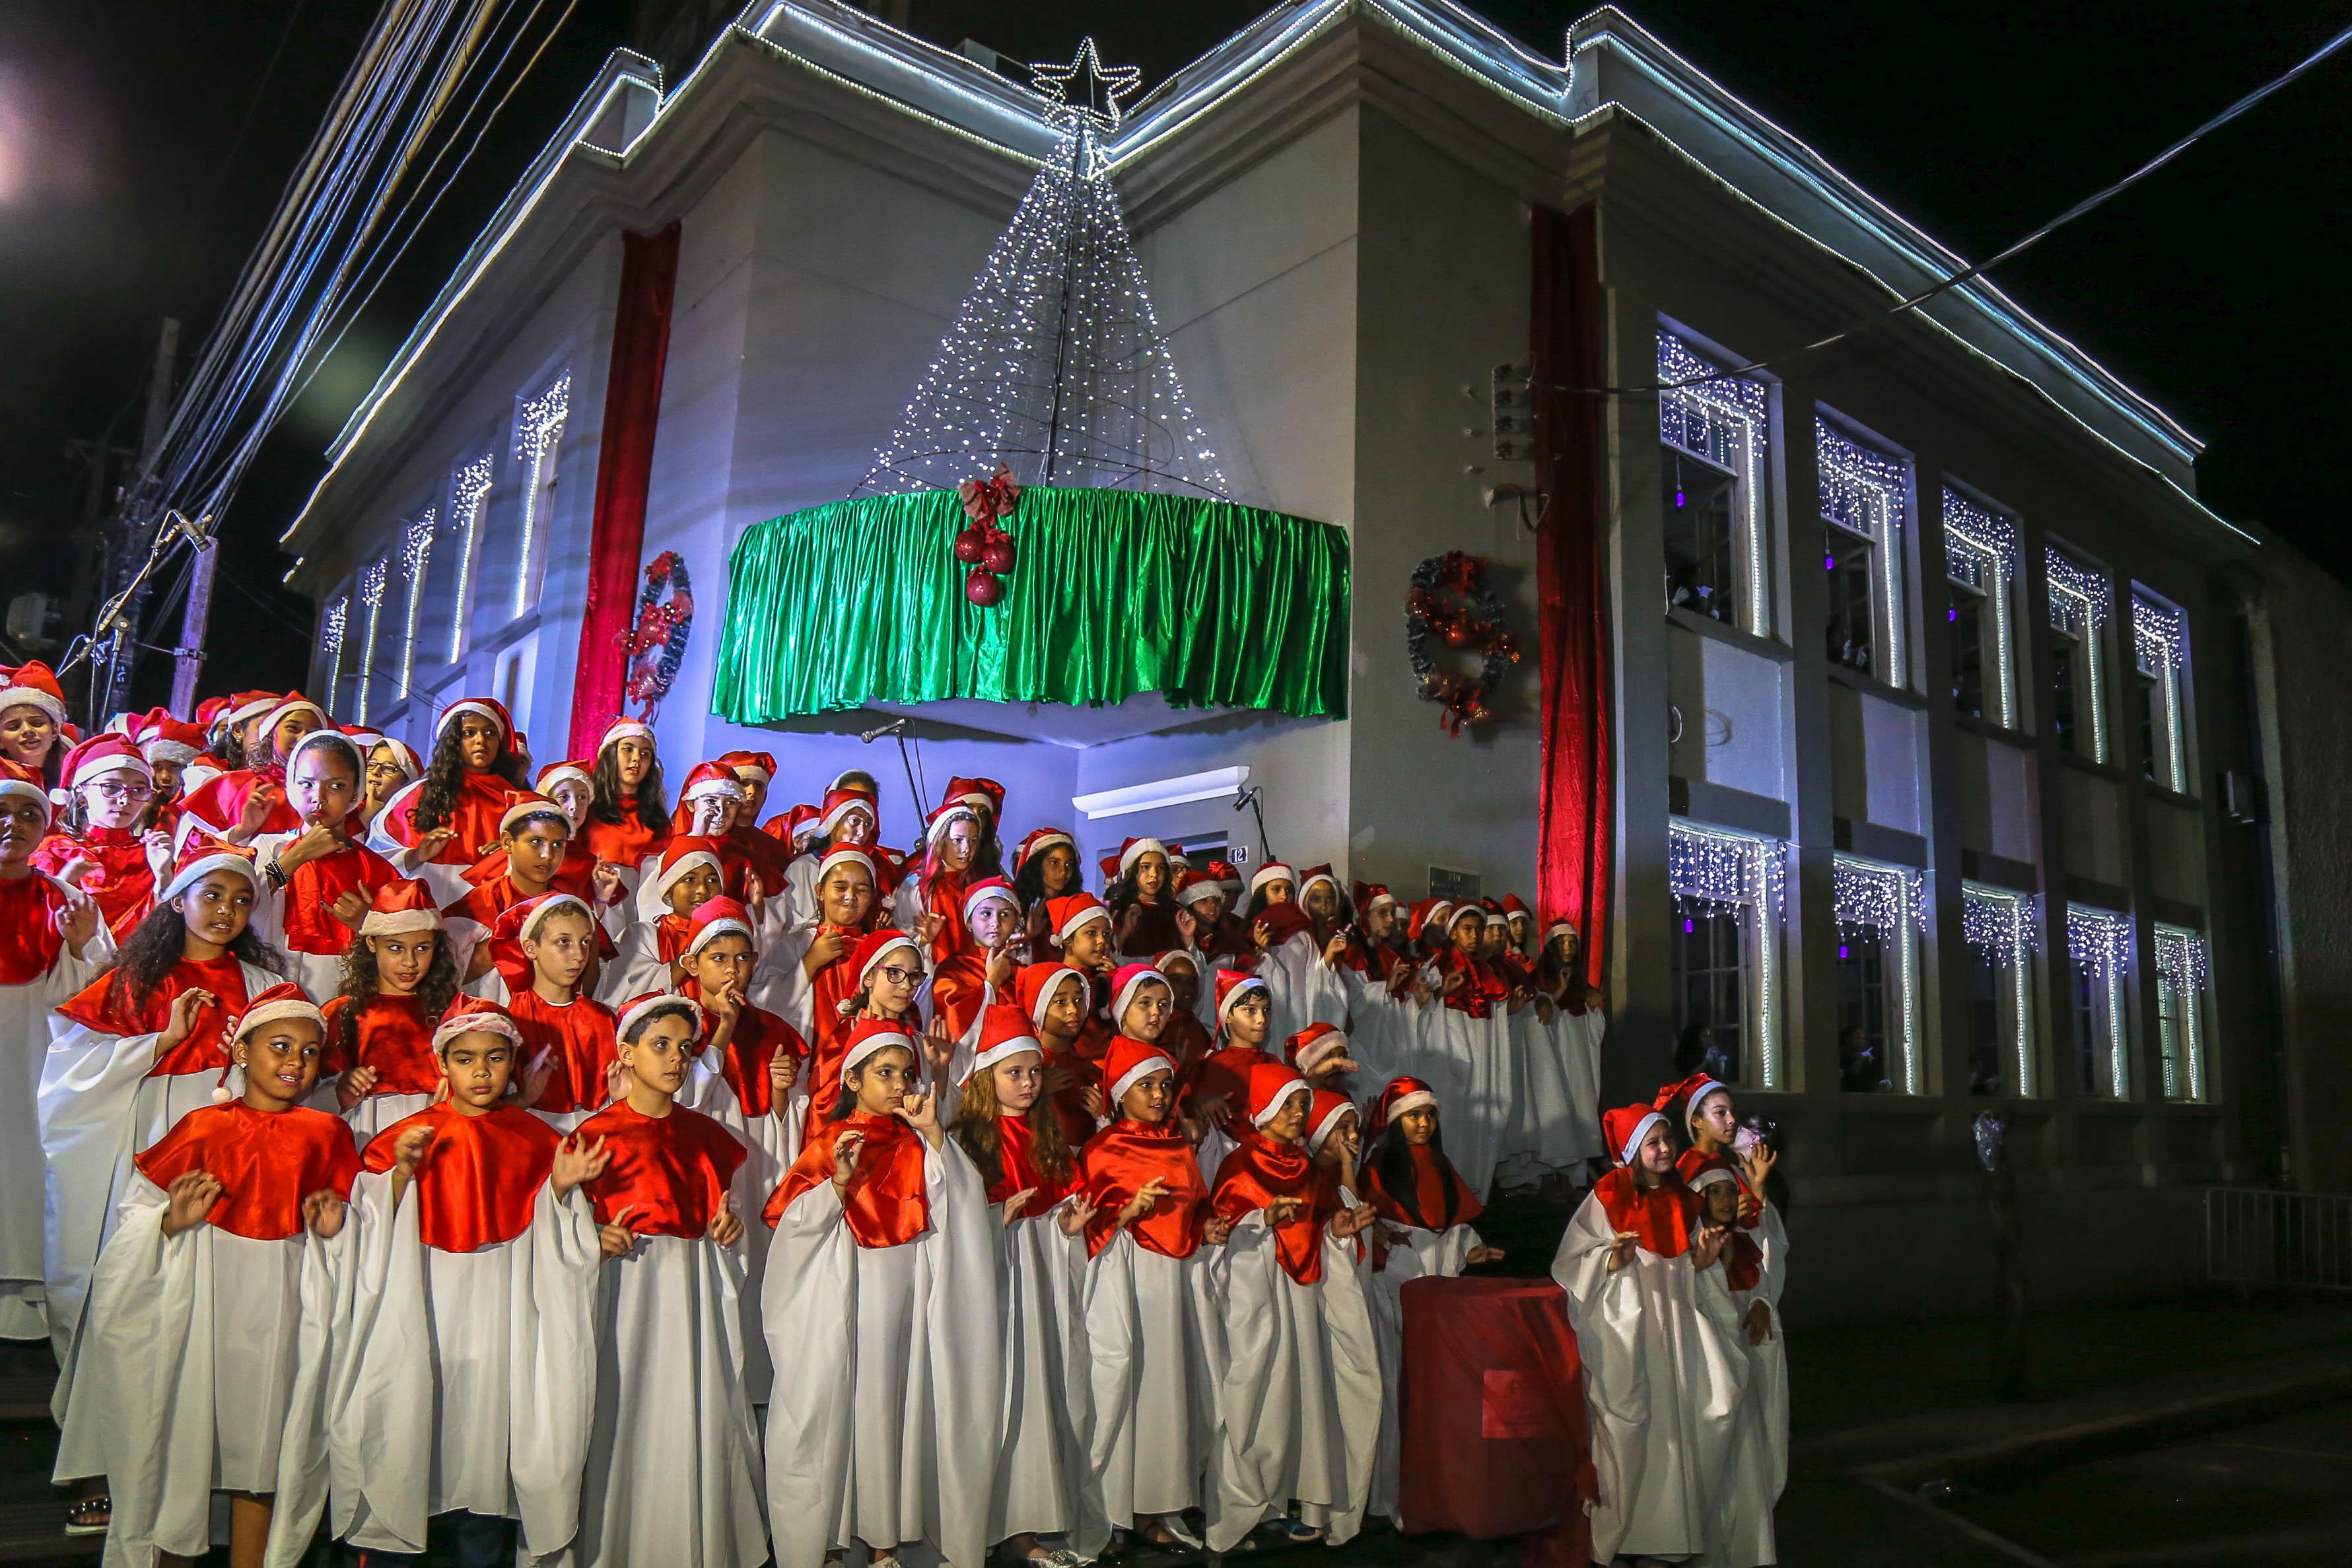 Cantata de Natal das escolas municipais leva emoção à Praça Rui Barbosa